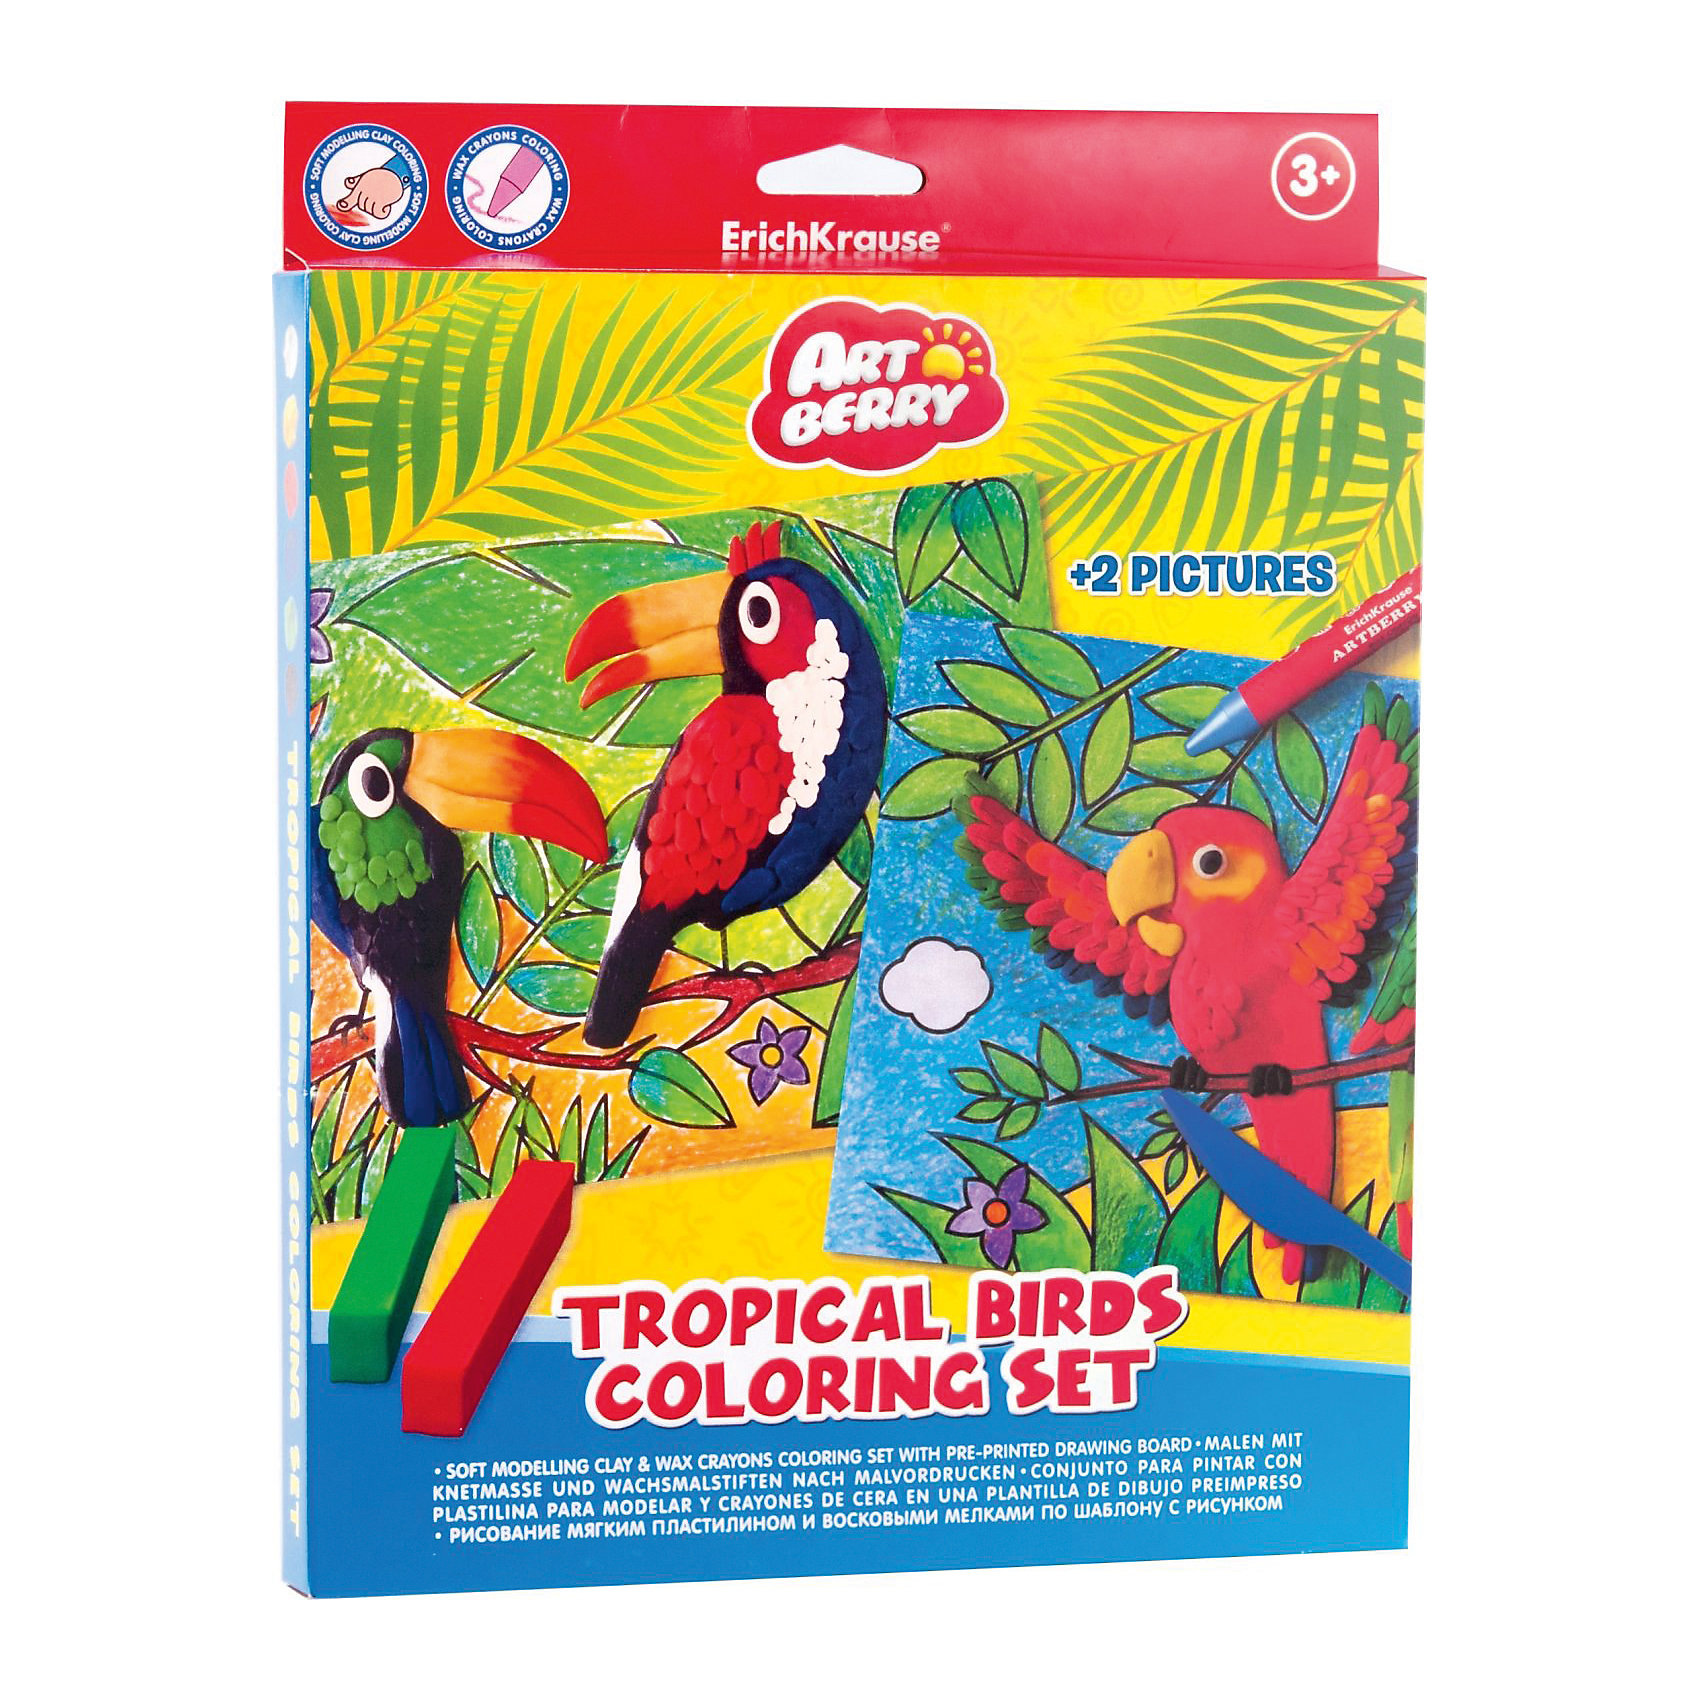 Набор для творчества Тропические птицы (16 предметов), ArtberryЛепка и рисование с Набором для творчества Тропические птицы (16 предметов), Artberry (Артберри) доставит большое удовольствие Вашему ребенку, а кроме того, с помощью набора он будет развивать мелкую моторику, объемное воображение, творческие способности умение доводить начатое до конца. Набор отлично подойдет для детей, которые уже умеют рисовать и лепить, но хотят научиться совмещать различные техники рисования и лепки. Основа рисунка выполняется восковыми мелками, а детали и элементы картинки прорисовываются мягким пластилином, который обладает хорошей пластичностью и легко ложится на заготовки рисунков тропических птиц. <br><br>Характеристики:<br>-Пластилин безопасен, не прилипает к рукам, не пачкает одежду<br>-Пластилин не застывает на воздухе<br>-Яркие цвета пластилина легко смешиваются между собой<br>-Восковые мелки обеспечивают мягкое письмо, обладают отличными кроющими свойствами<br>-Восковые мелки нетоксичны и безопасны<br><br>Комплектация: 8 цветных восковых мелков, 6 цветных брусочков пластилина, 2 шаблона с контурами рисунка<br><br>Дополнительная информация:<br>-Вес в упаковке: 272 г<br>-Размеры в упаковке: 330х230х10 мм<br>-Материалы: пластилин, краски, пластмасса<br><br>Такой творческий набор станет отличным подарком, который доставит настоящую радость детям и откроет новые горизонты для творчества Вашего ребенка!<br><br>Набор для творчества Тропические птицы (16 предметов), Artberry (Артберри) можно купить в нашем магазине.<br><br>Ширина мм: 330<br>Глубина мм: 230<br>Высота мм: 10<br>Вес г: 272<br>Возраст от месяцев: 36<br>Возраст до месяцев: 144<br>Пол: Унисекс<br>Возраст: Детский<br>SKU: 4058308